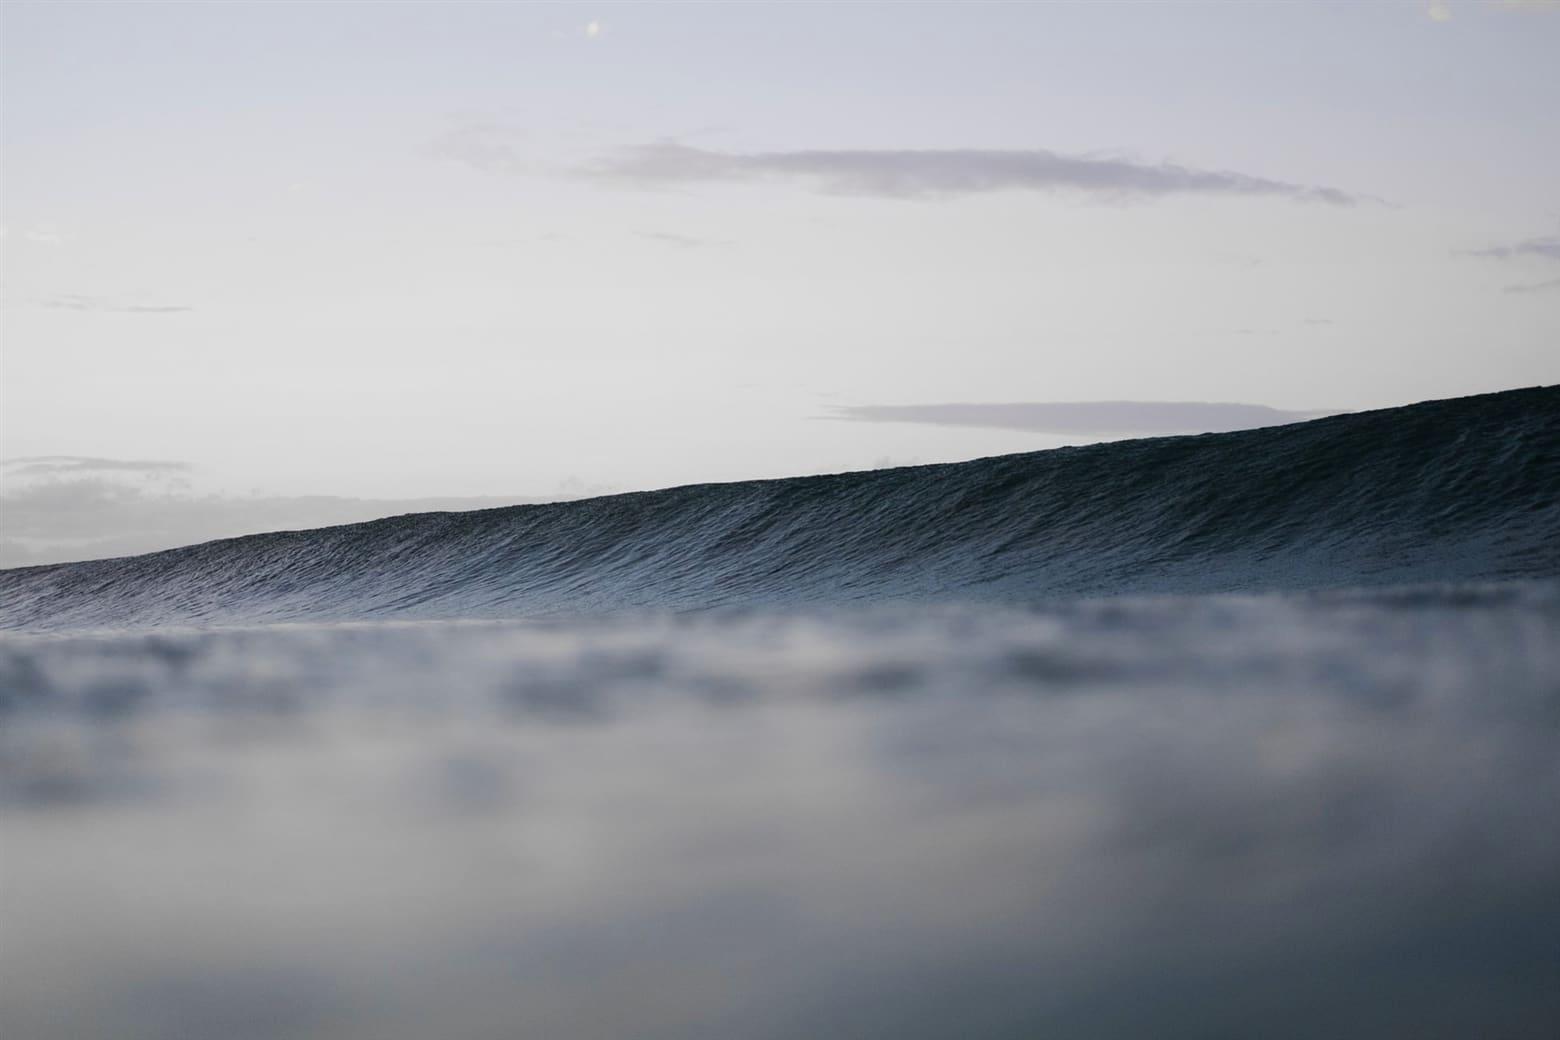 horaires marées Vattetot-sur-mer